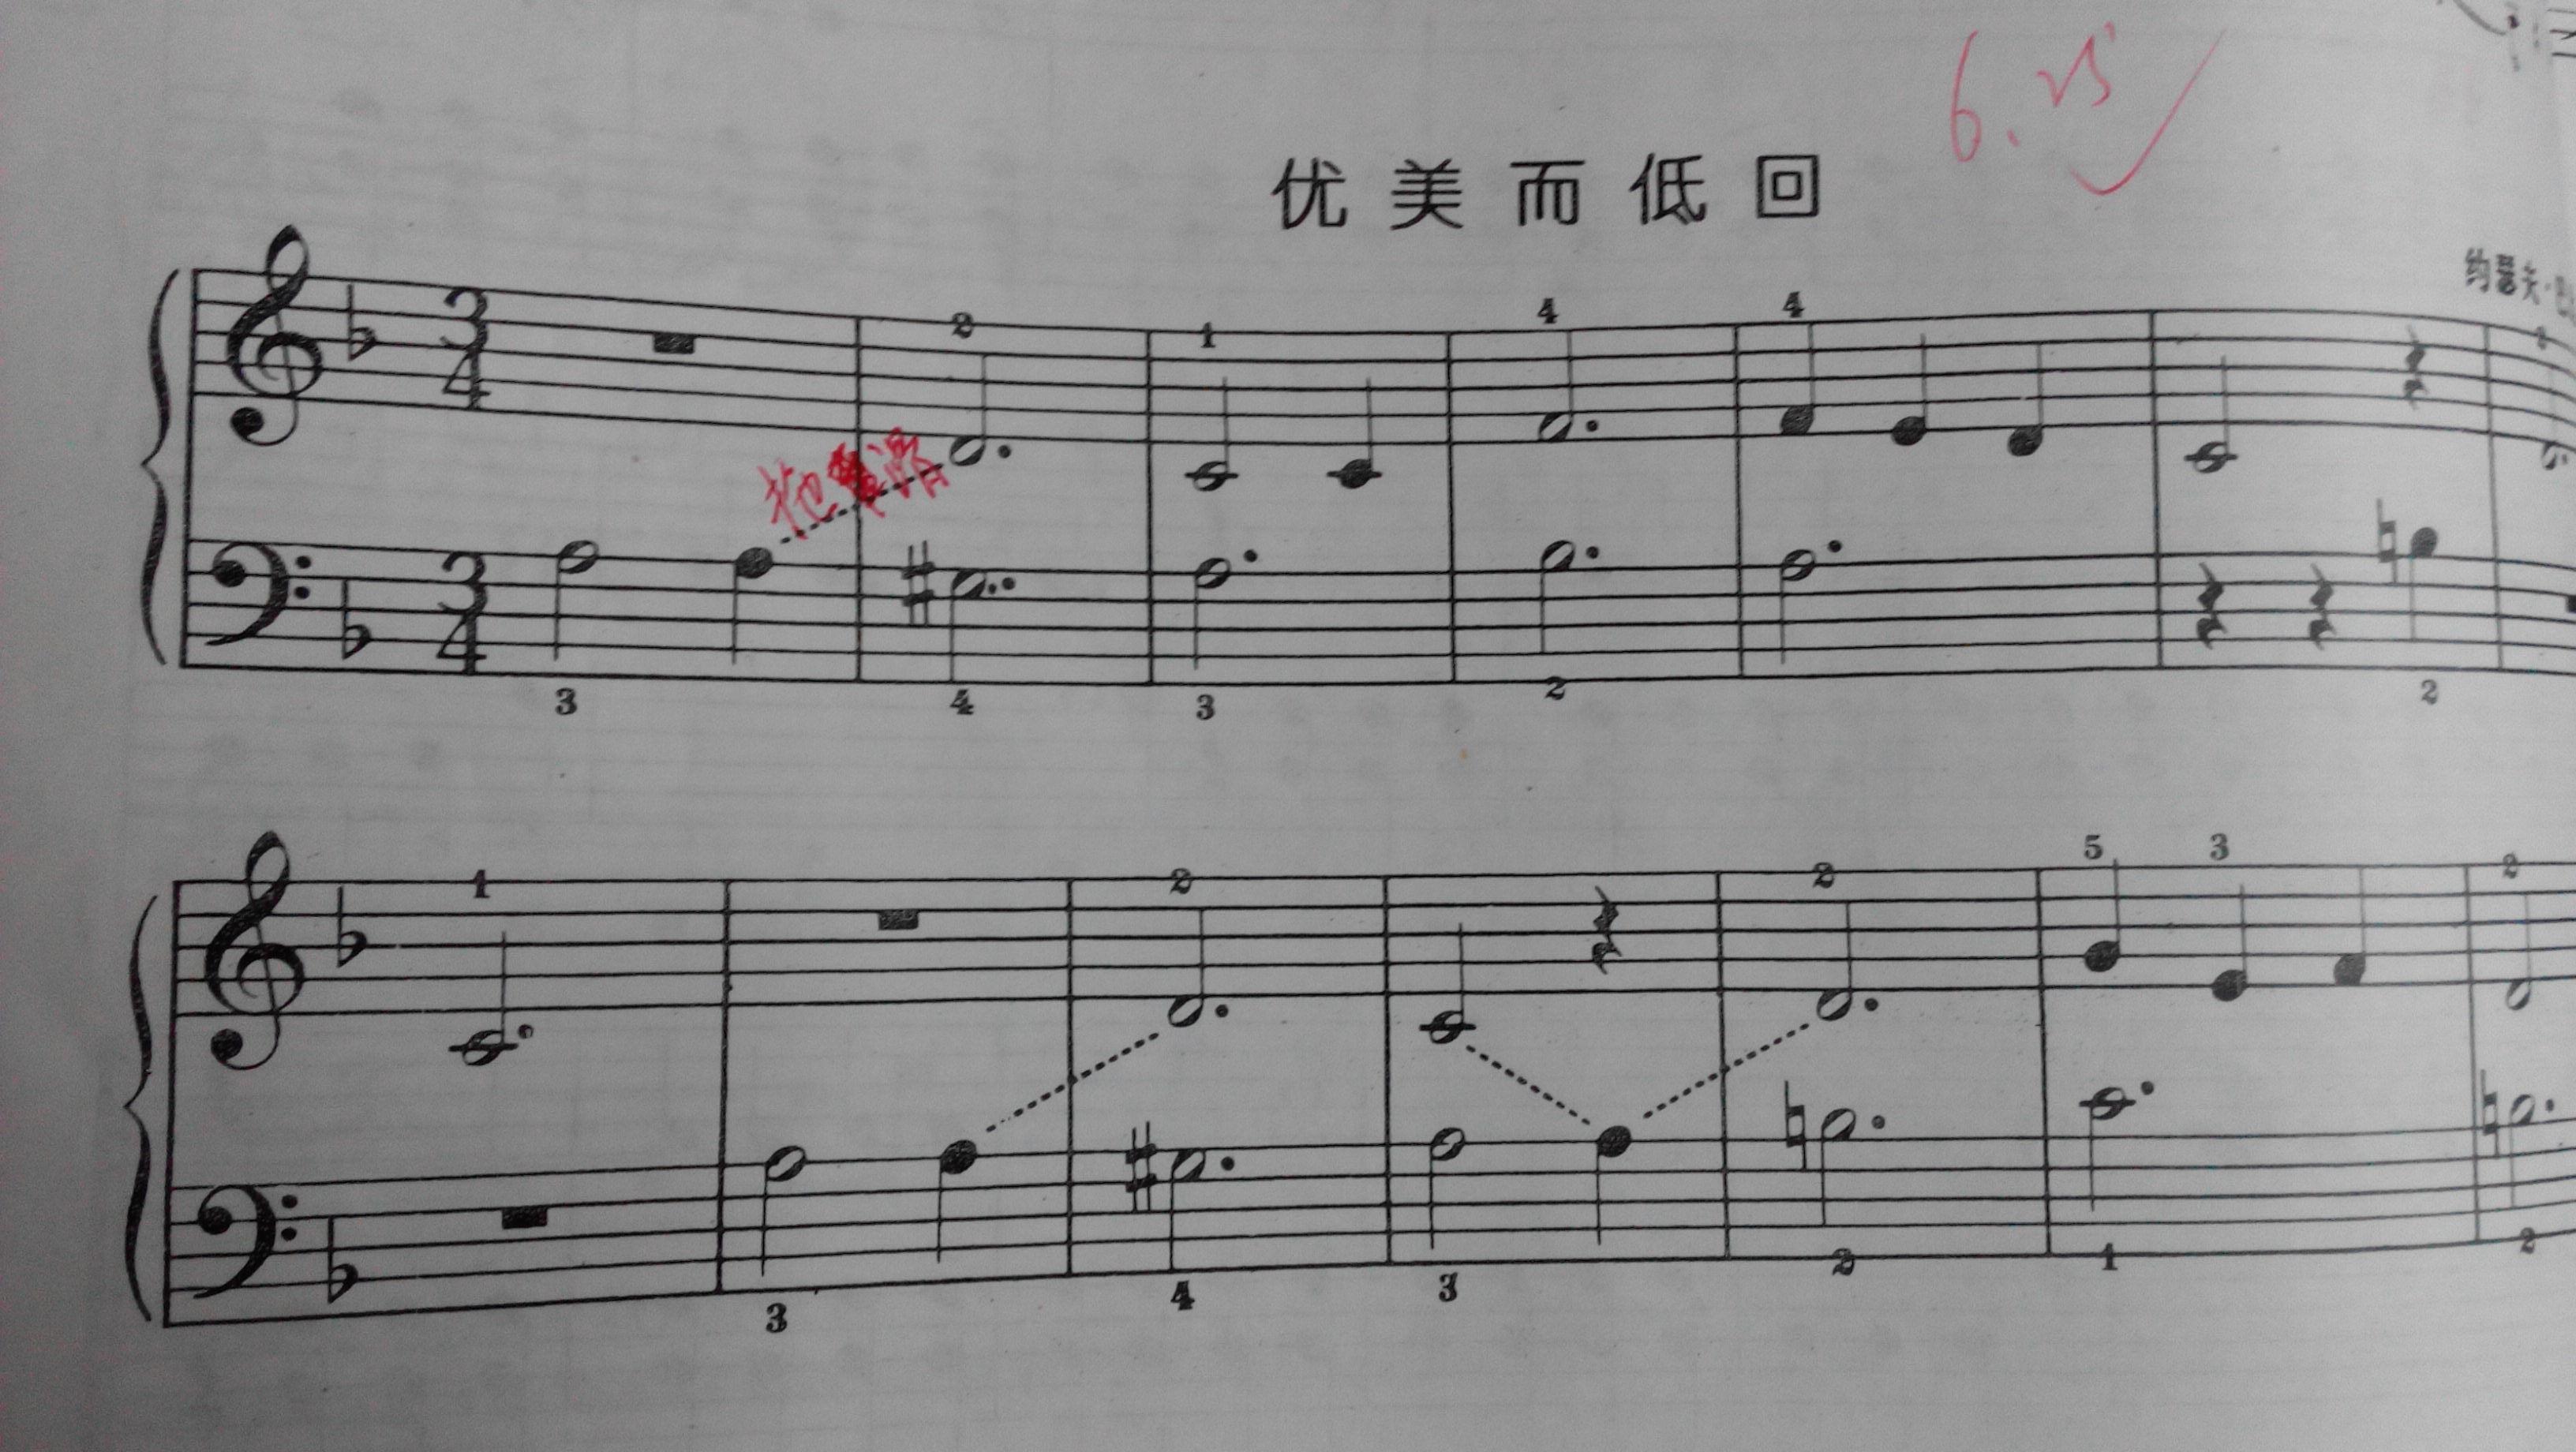 钢琴五线谱拖滑怎么弹?